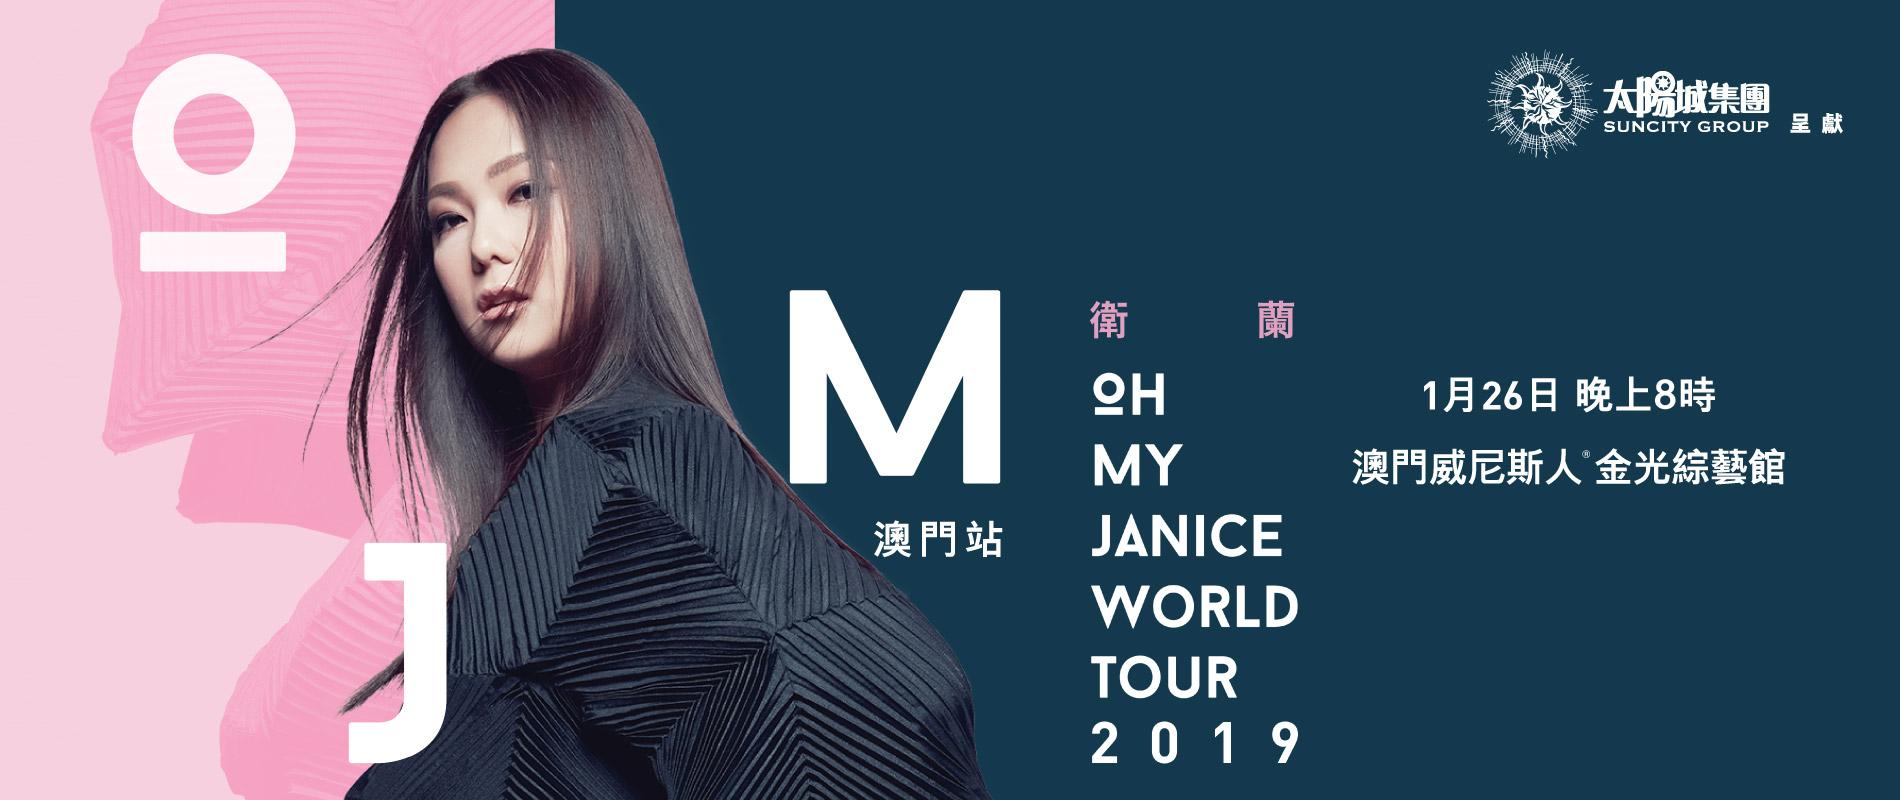 《衛蘭OH MY JANICE世界巡回演唱會2019澳門站》 - 澳門威尼斯人